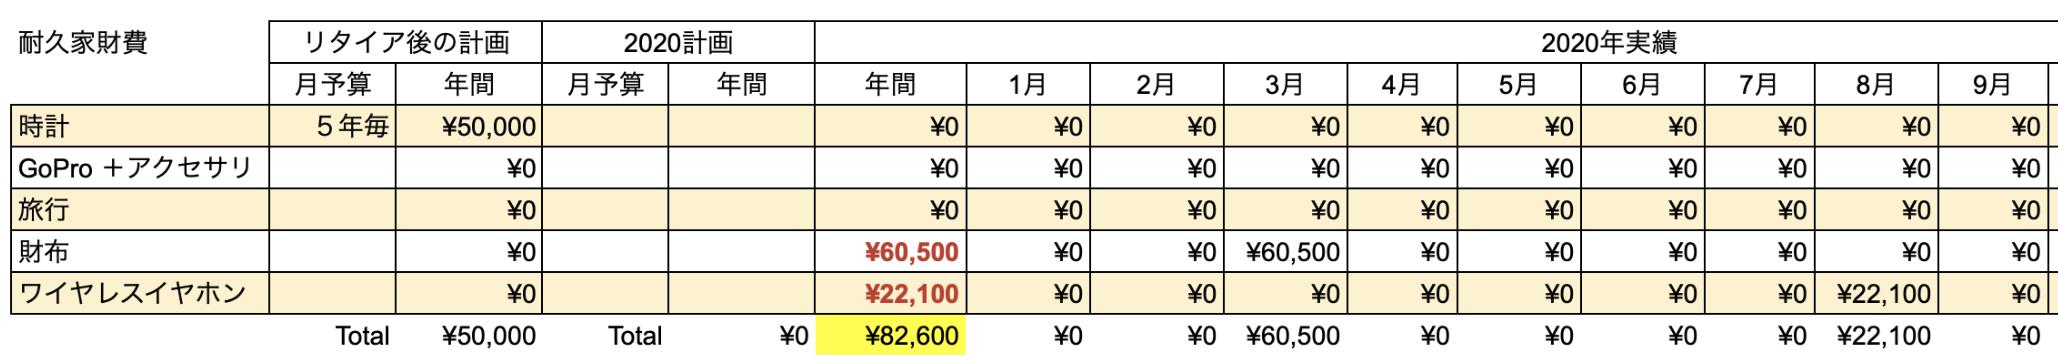 支出実績2020_09月_耐久家財費